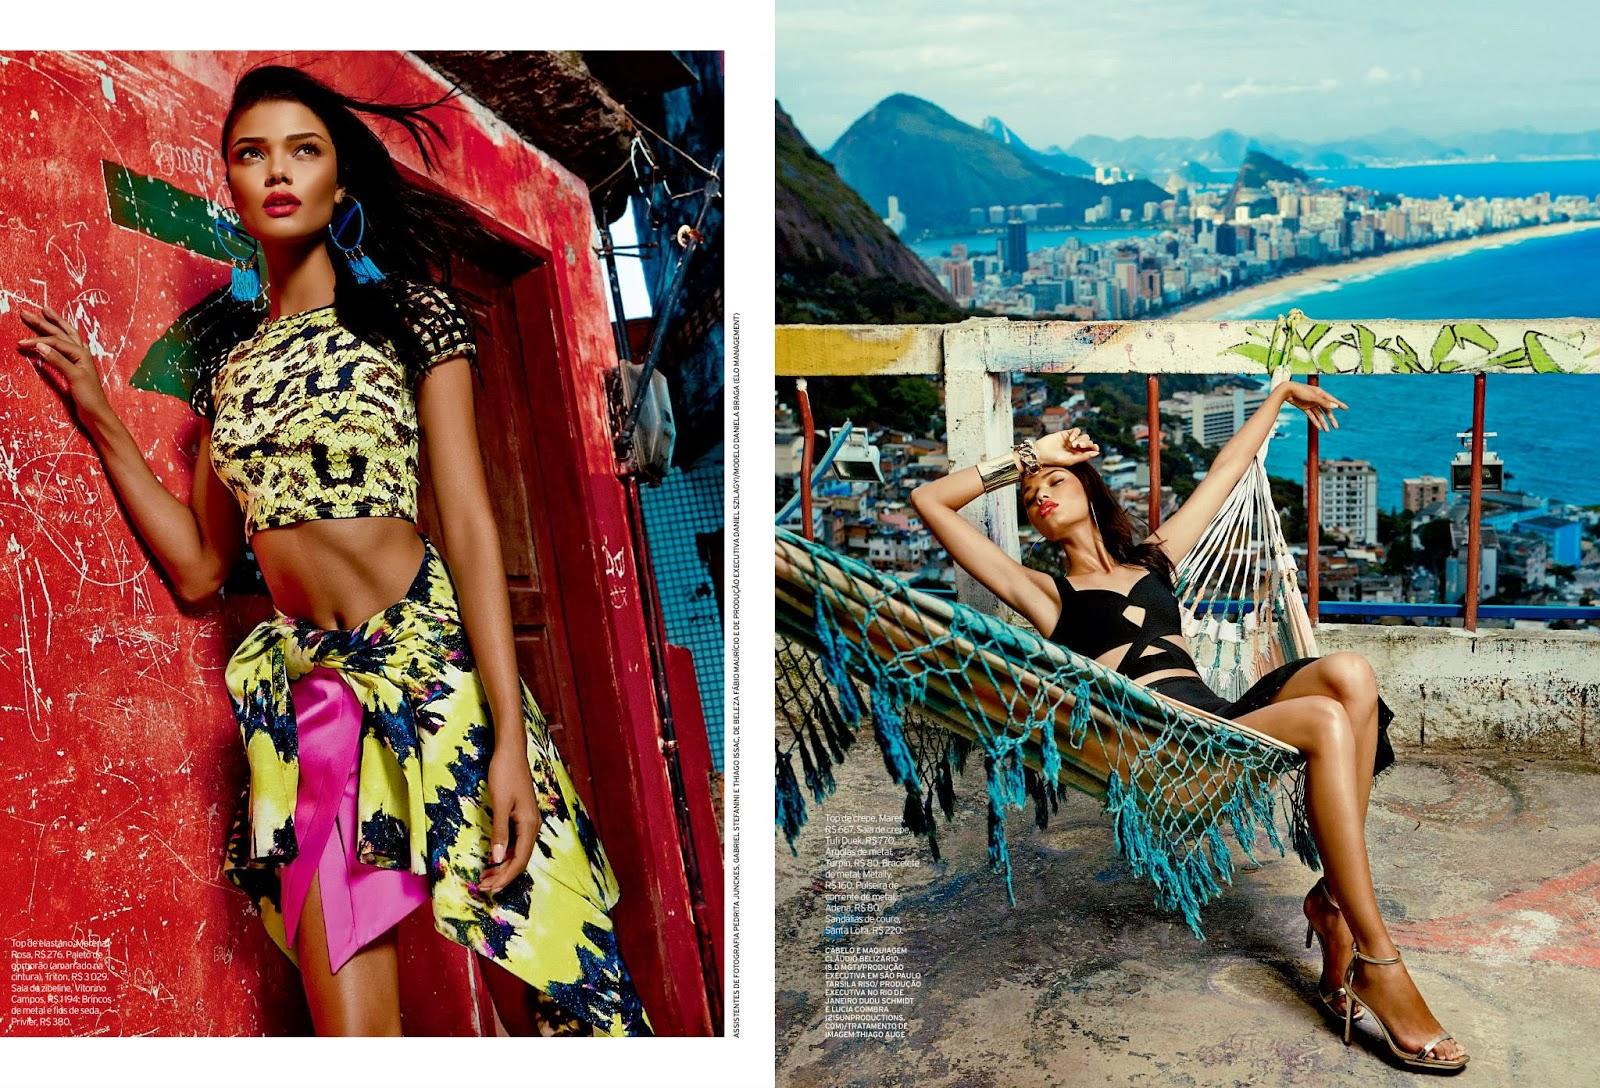 Daniela Braga by Fabio Bartelt for ELLE Brazil October 2013